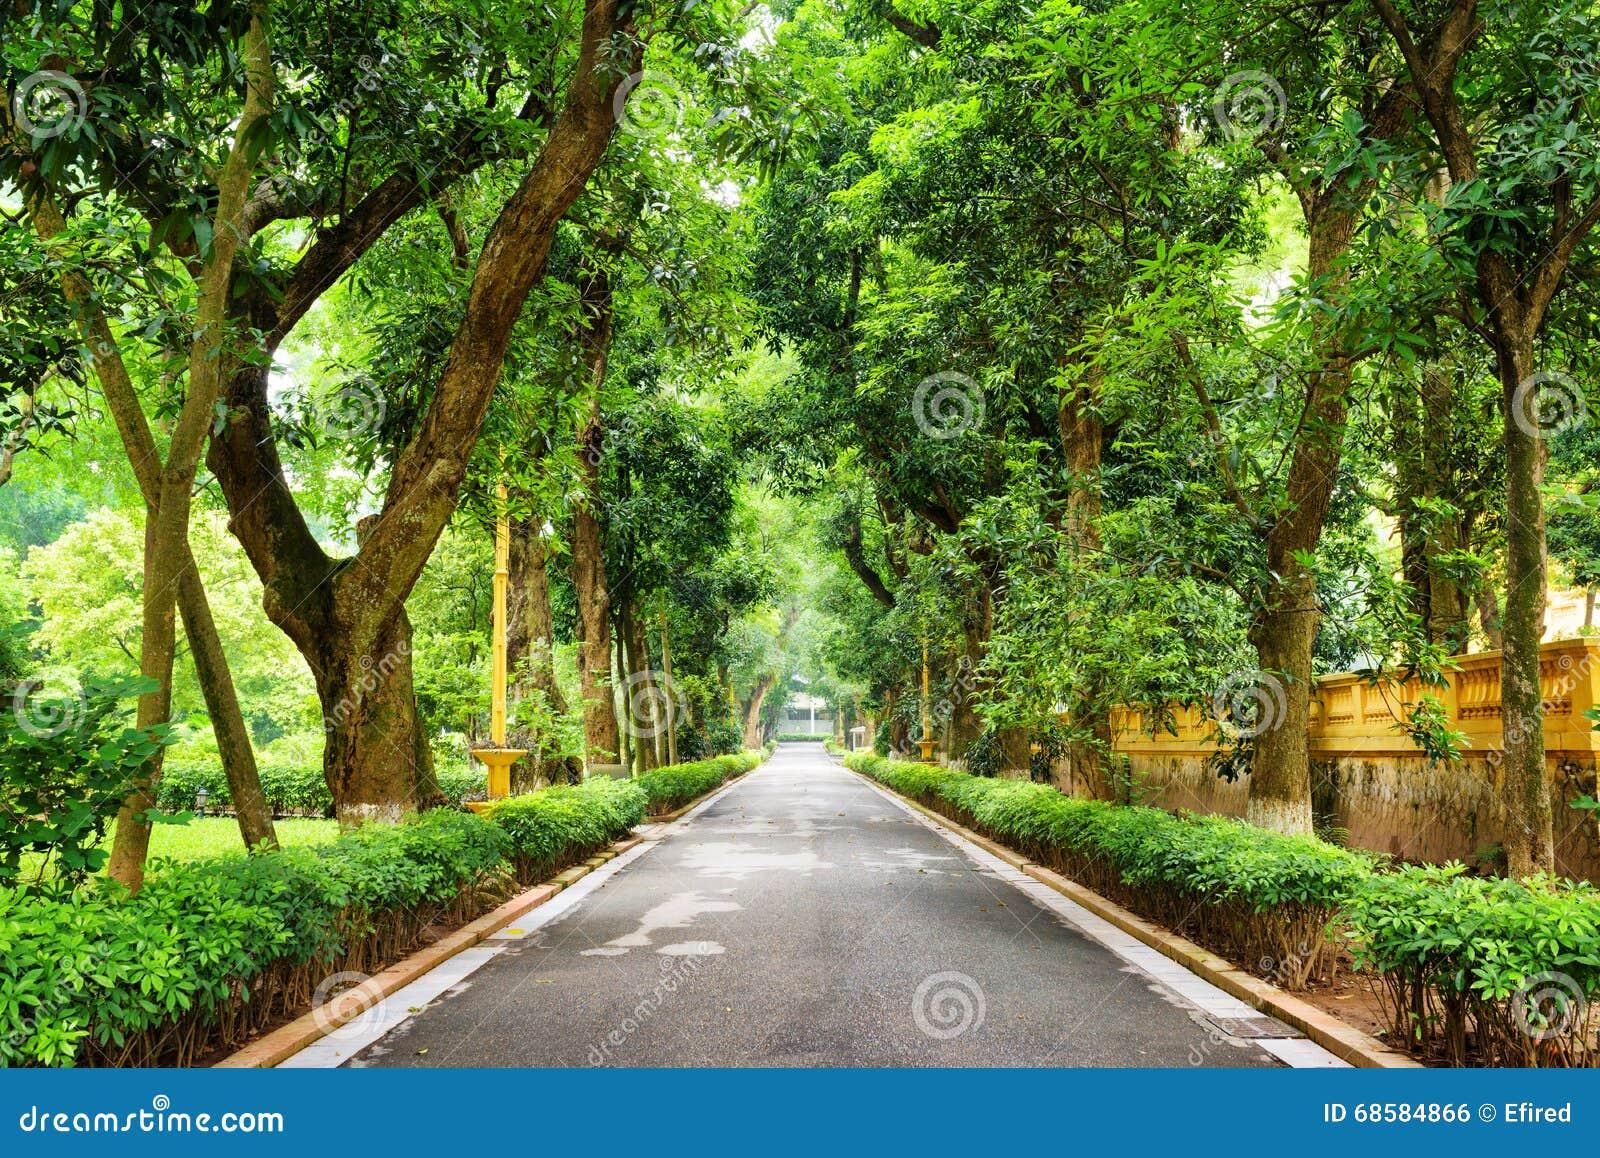 passage couvert louche avec les arbres tropicaux au jardin botanique hano photo stock image. Black Bedroom Furniture Sets. Home Design Ideas